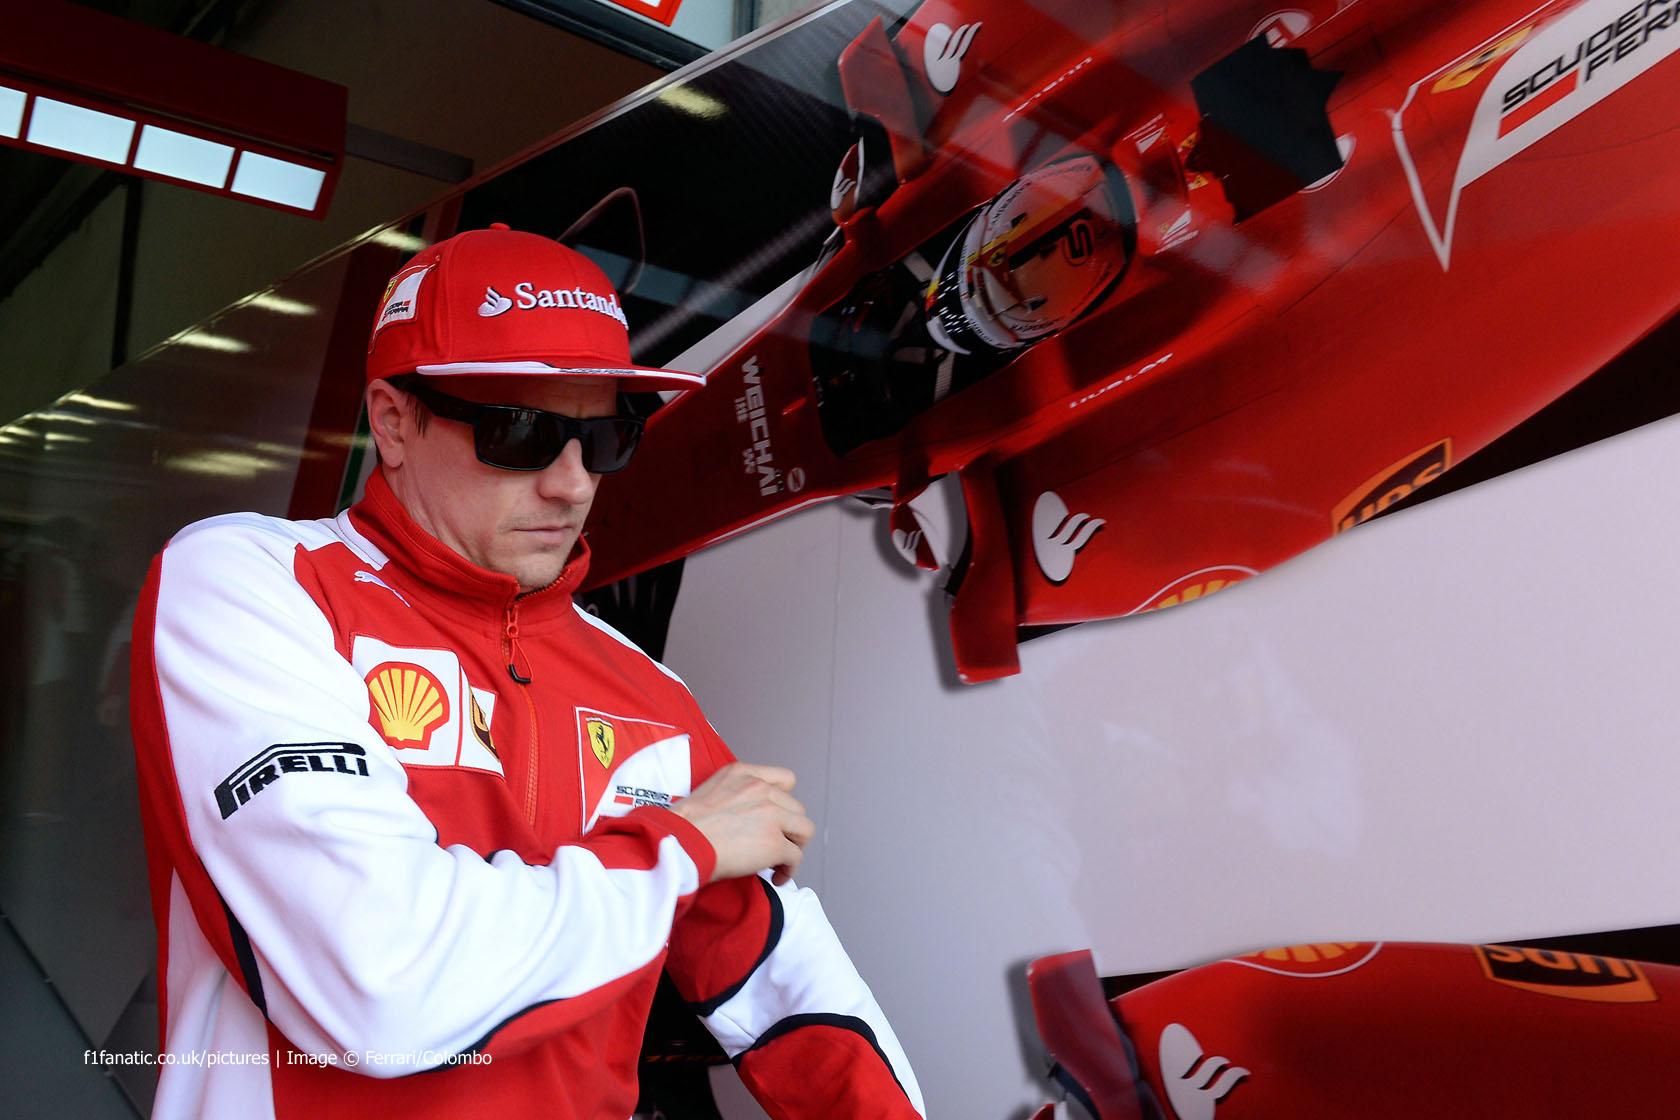 Kimi Raikkonen, Ferrari, Shanghai International Circuit, 2015